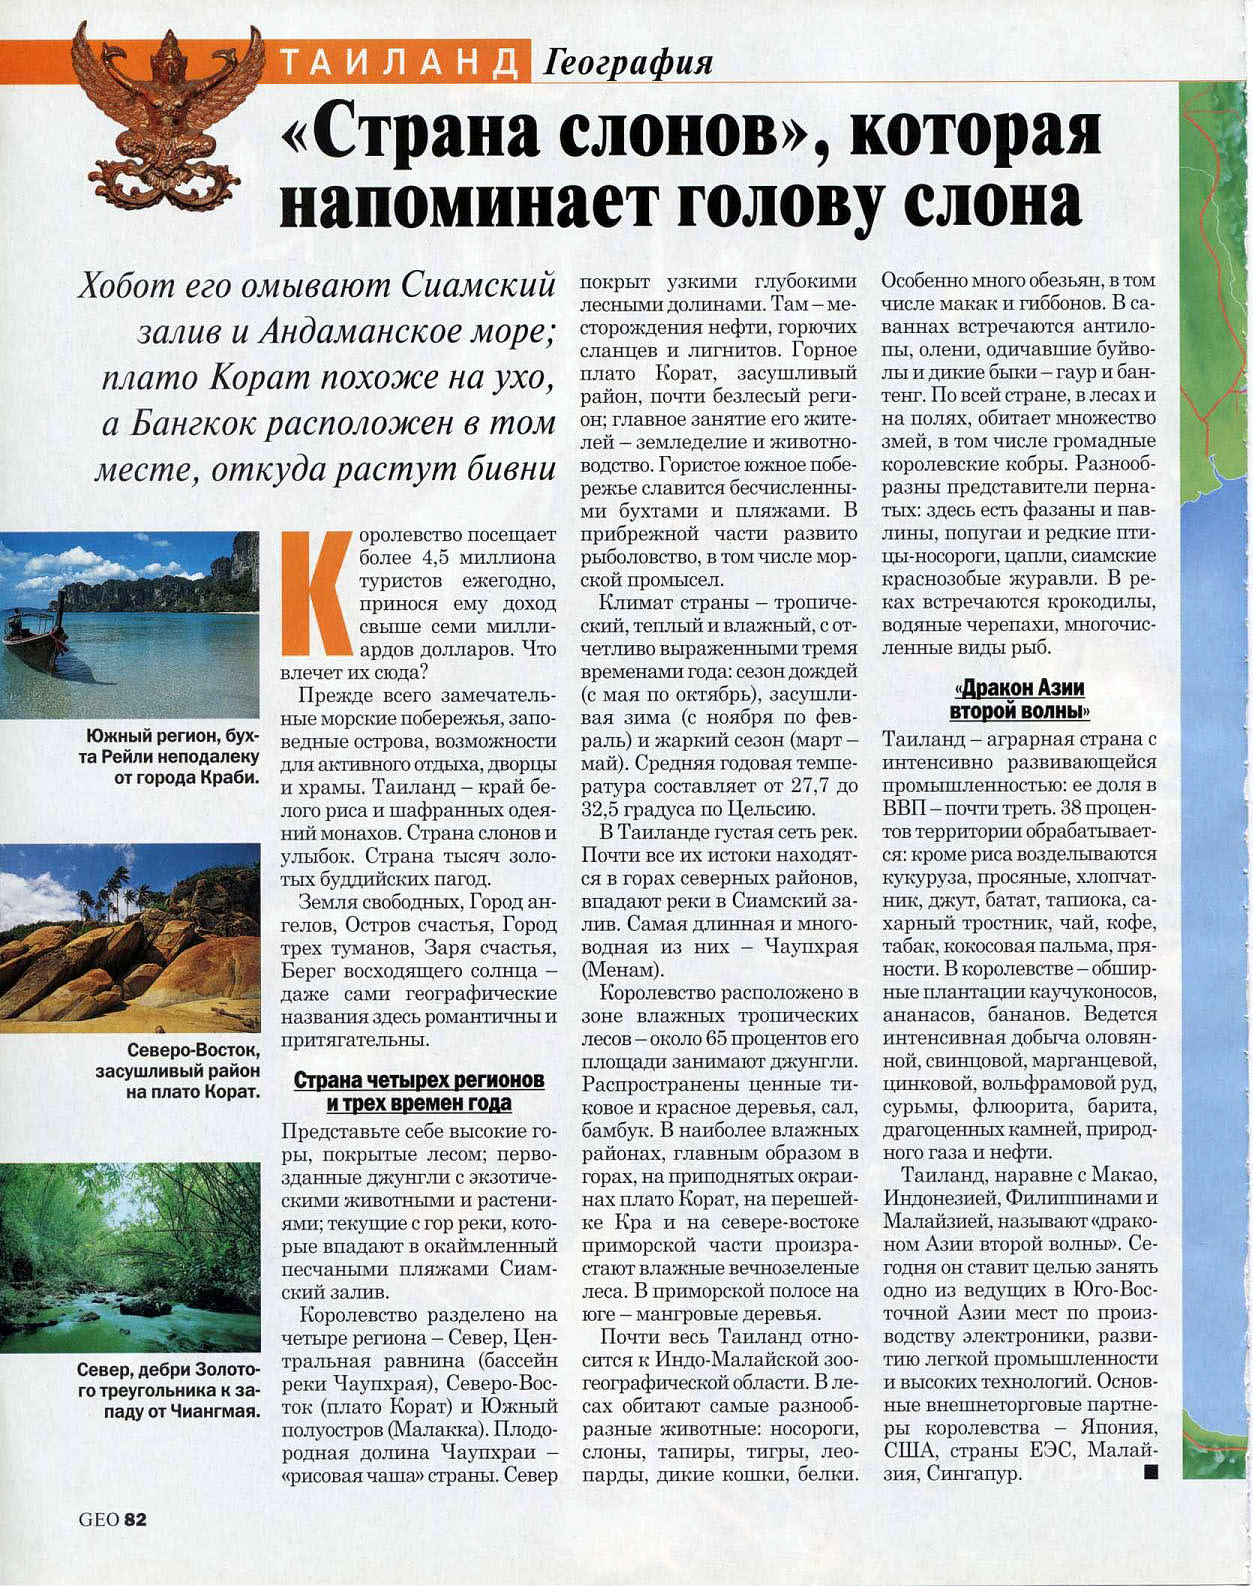 GEO-Rus_2003-03_07.jpg